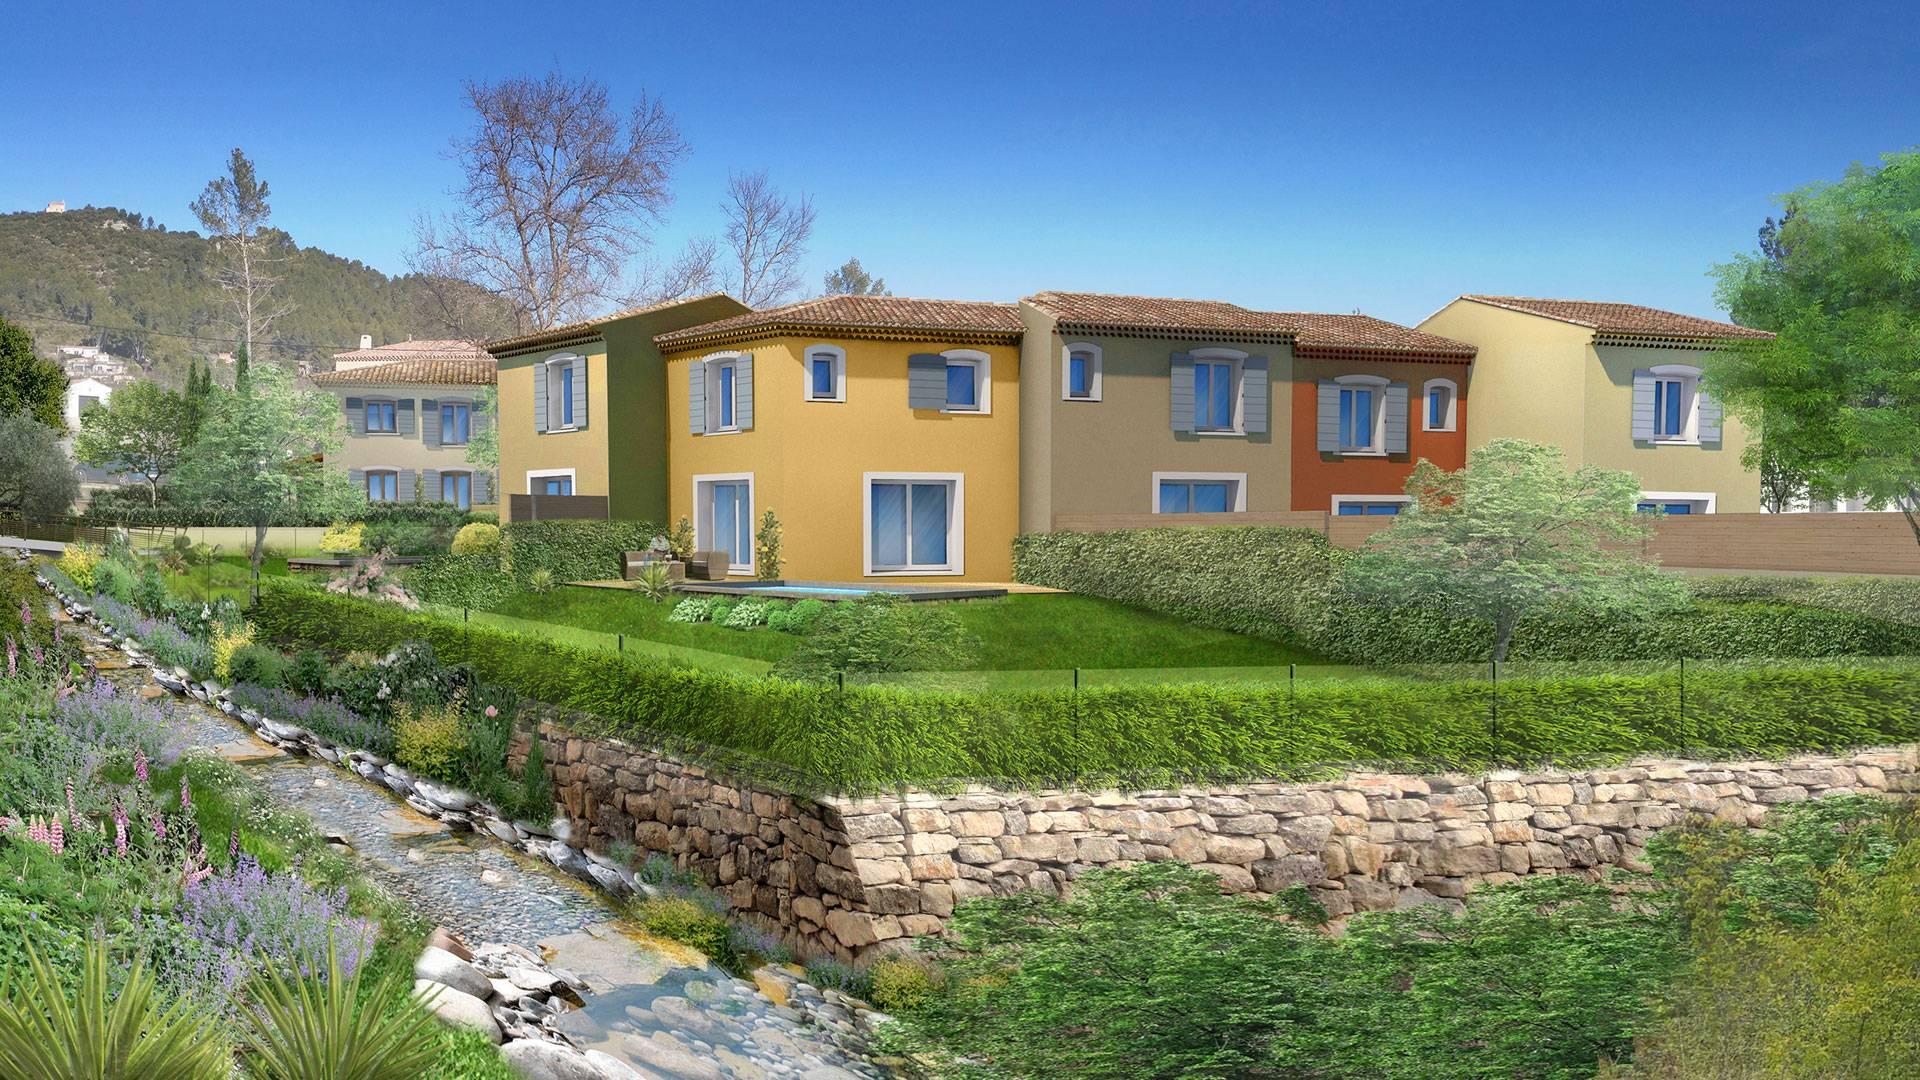 Maisons Vertes Construction